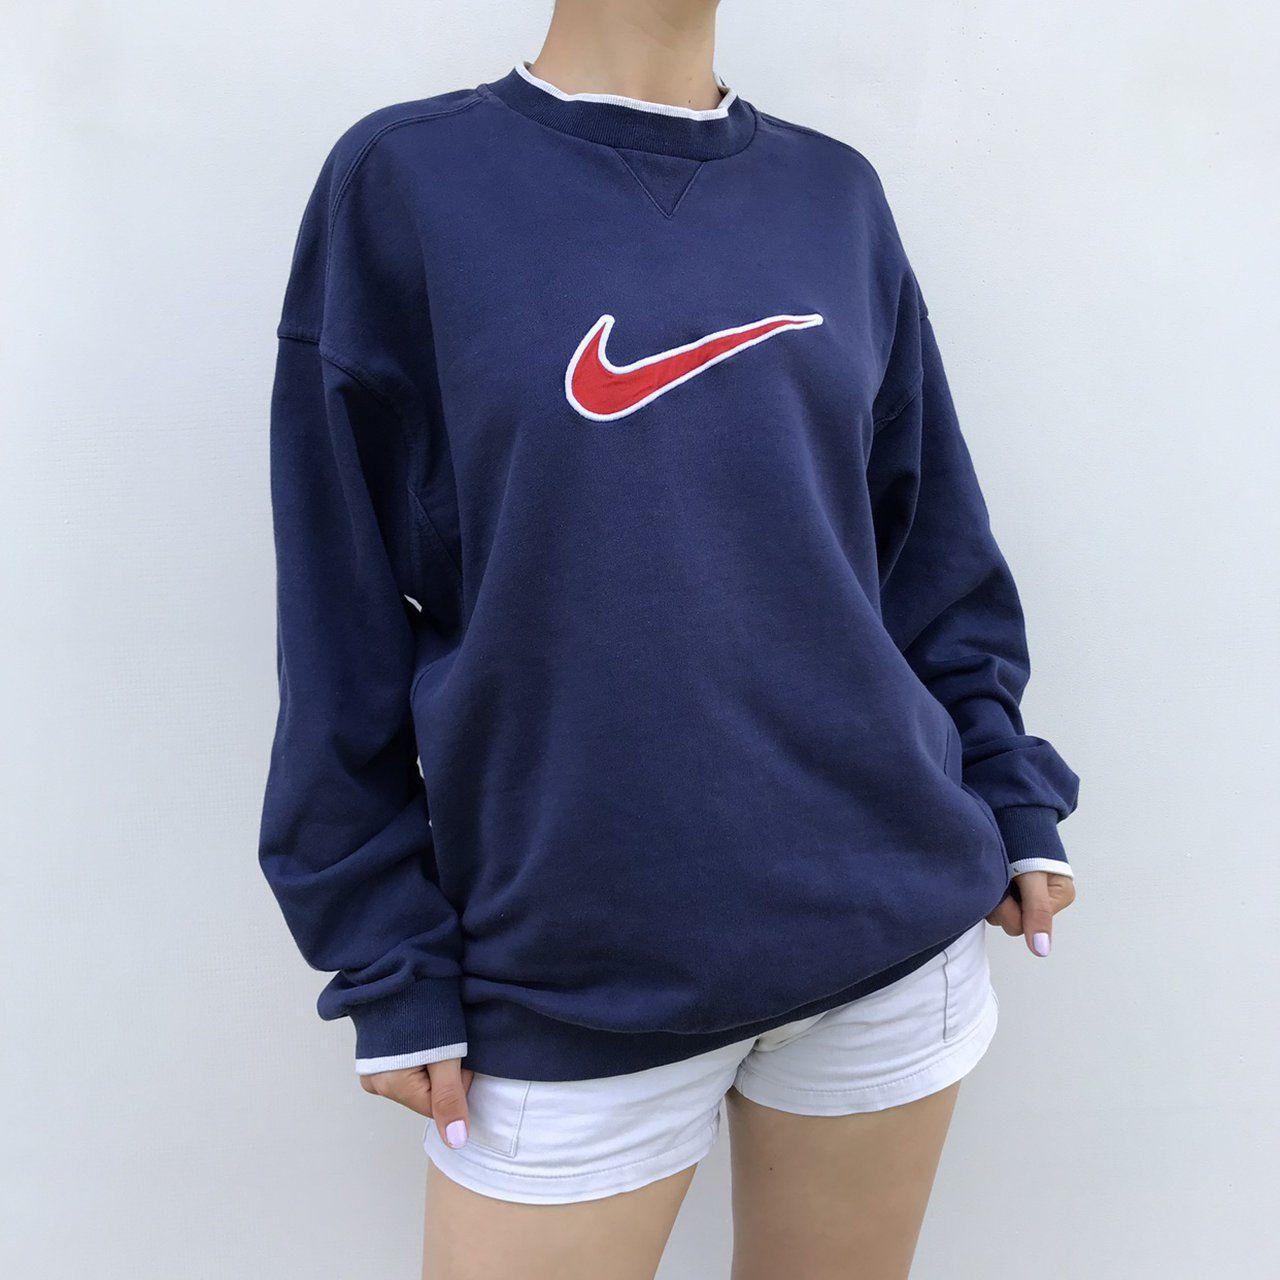 Unisex Vintage Nike Sweatshirt Embroidered Logo Size Is Uk Depop Vintage Nike Sweatshirt Vintage Sweatshirt Nike Sweatshirts [ 1280 x 1280 Pixel ]